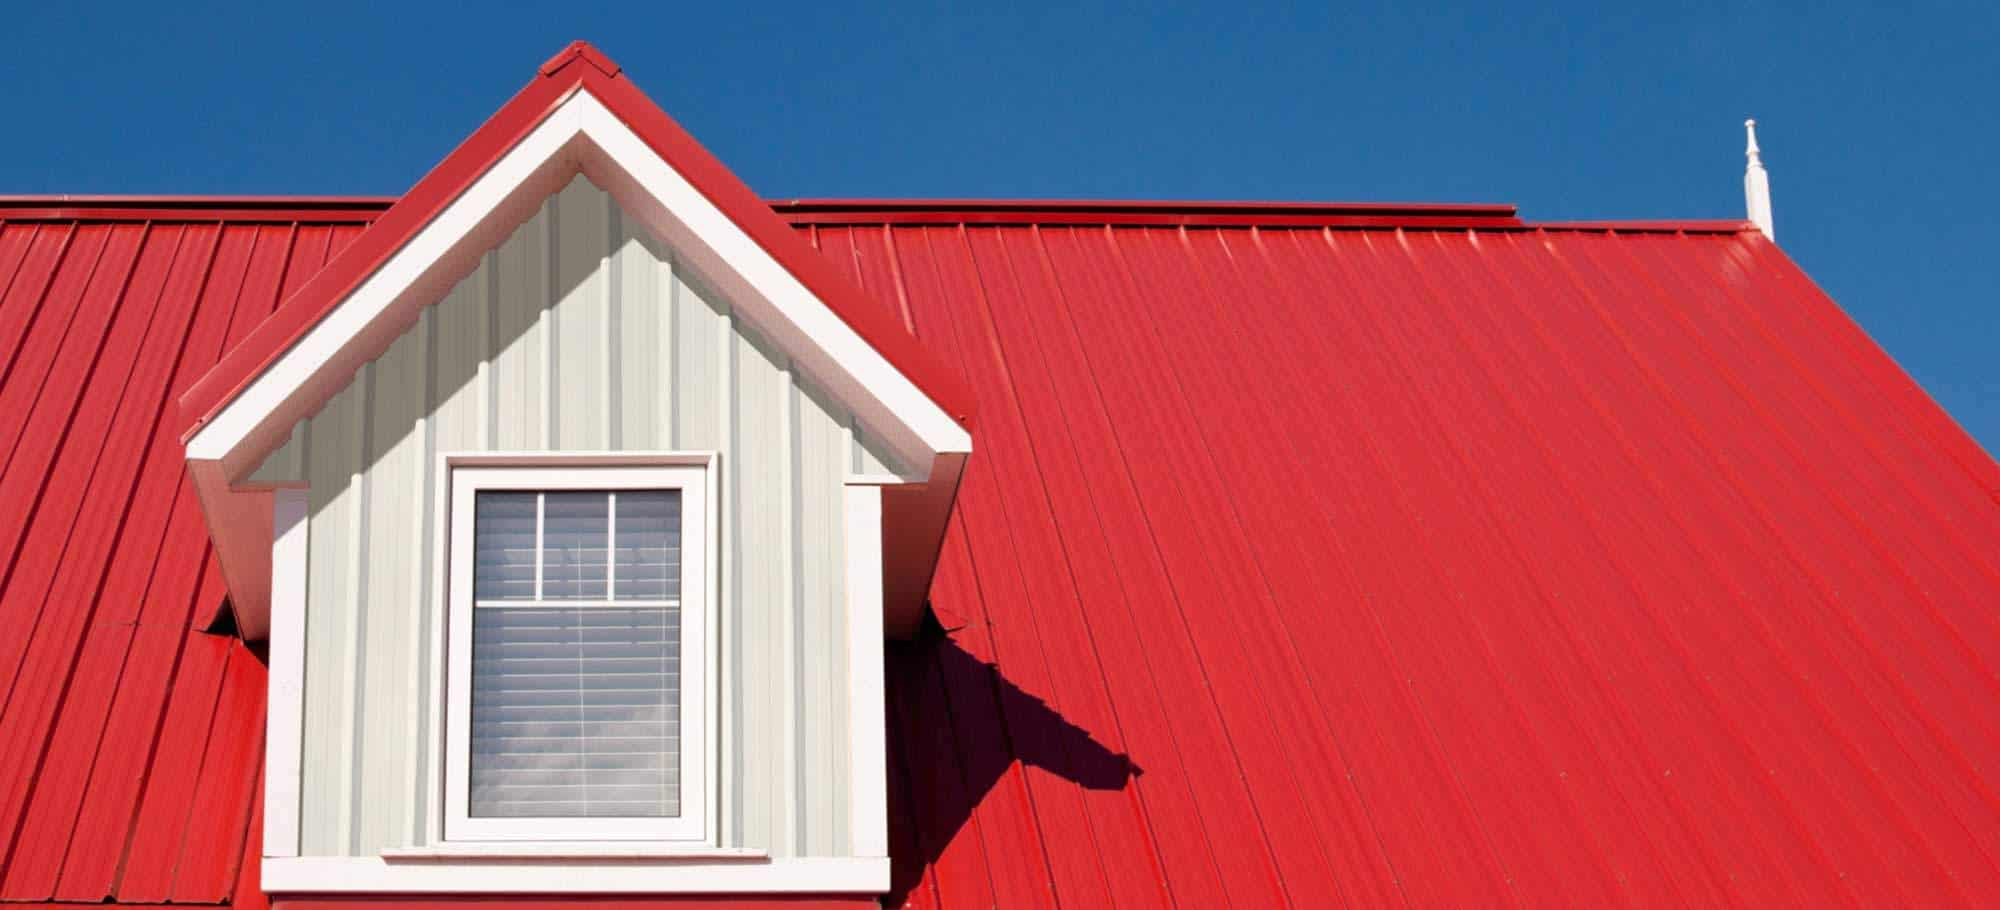 Diy Metal Roofing Material Metal Siding Steel Roof Panels